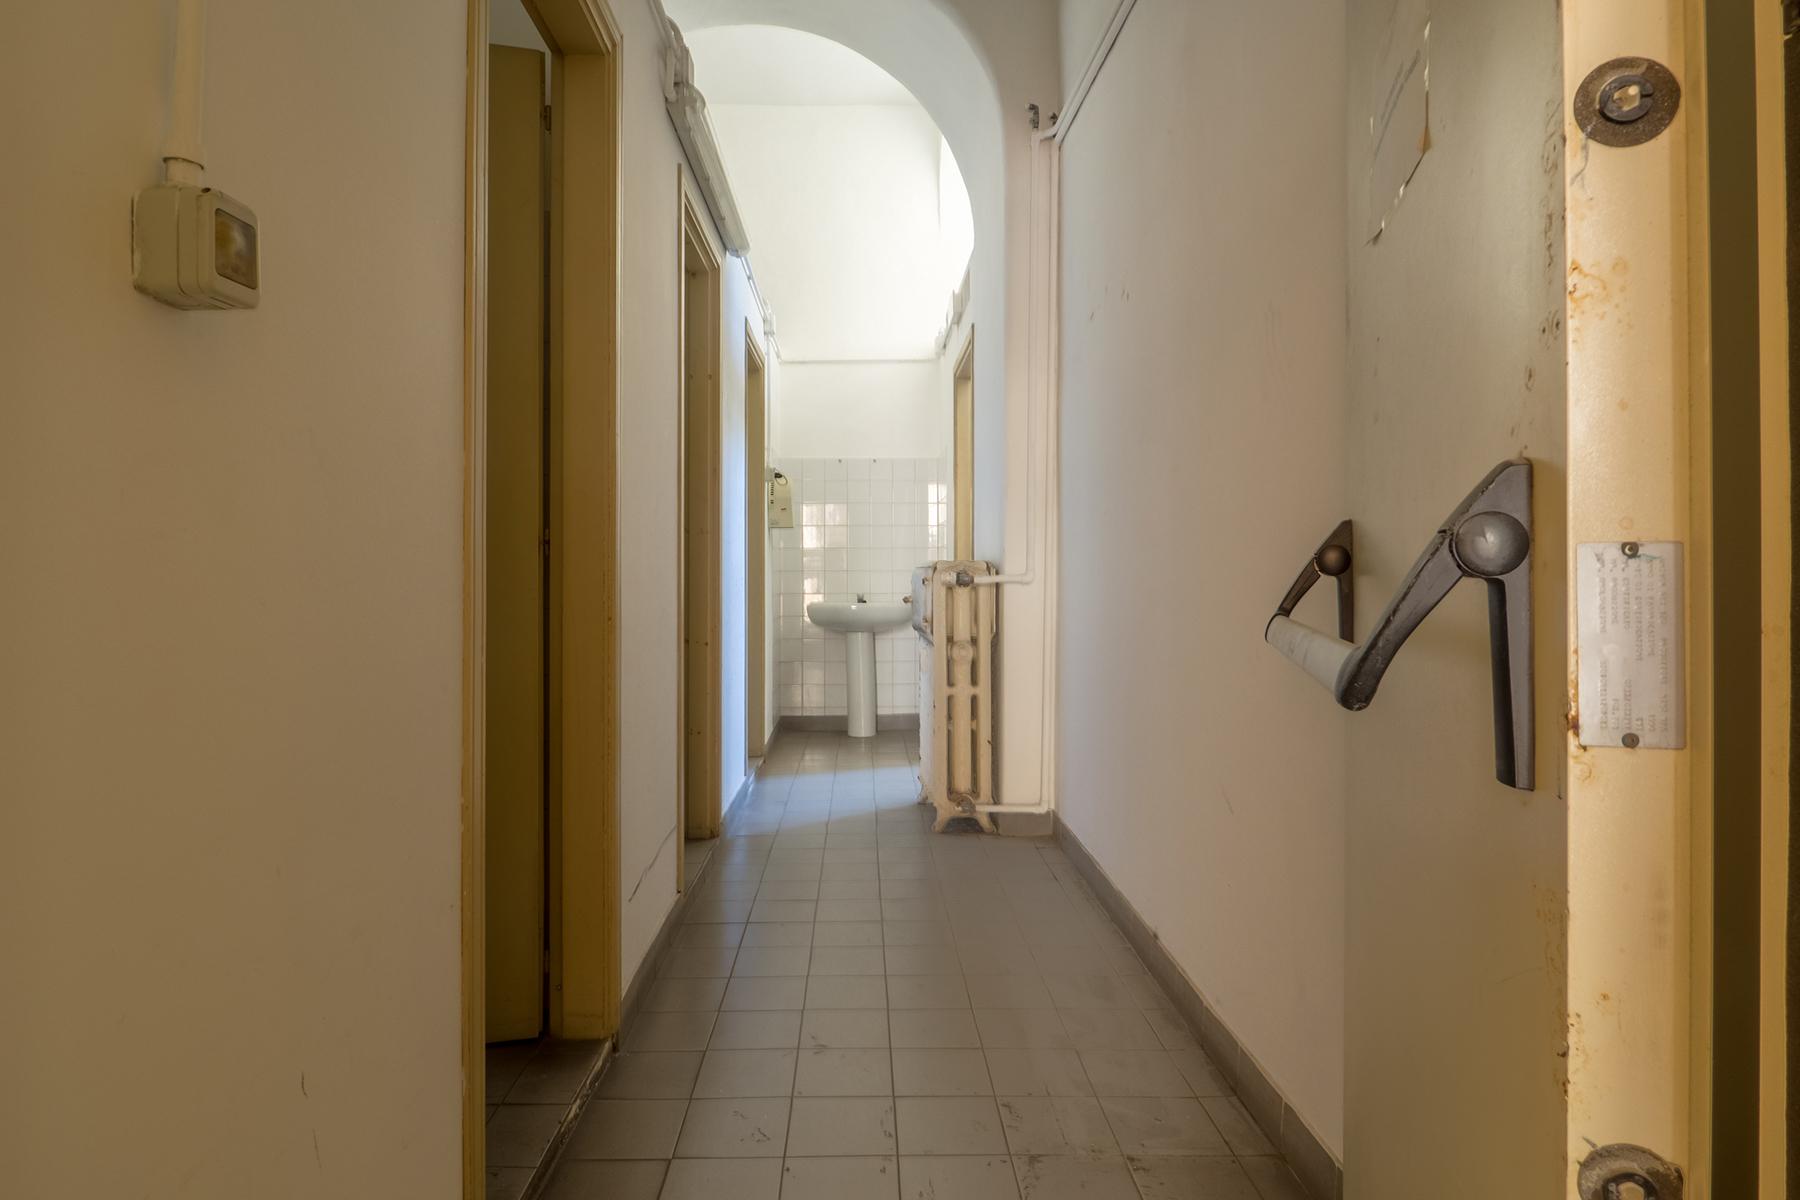 Ufficio-studio in Affitto a Torino: 5 locali, 337 mq - Foto 16